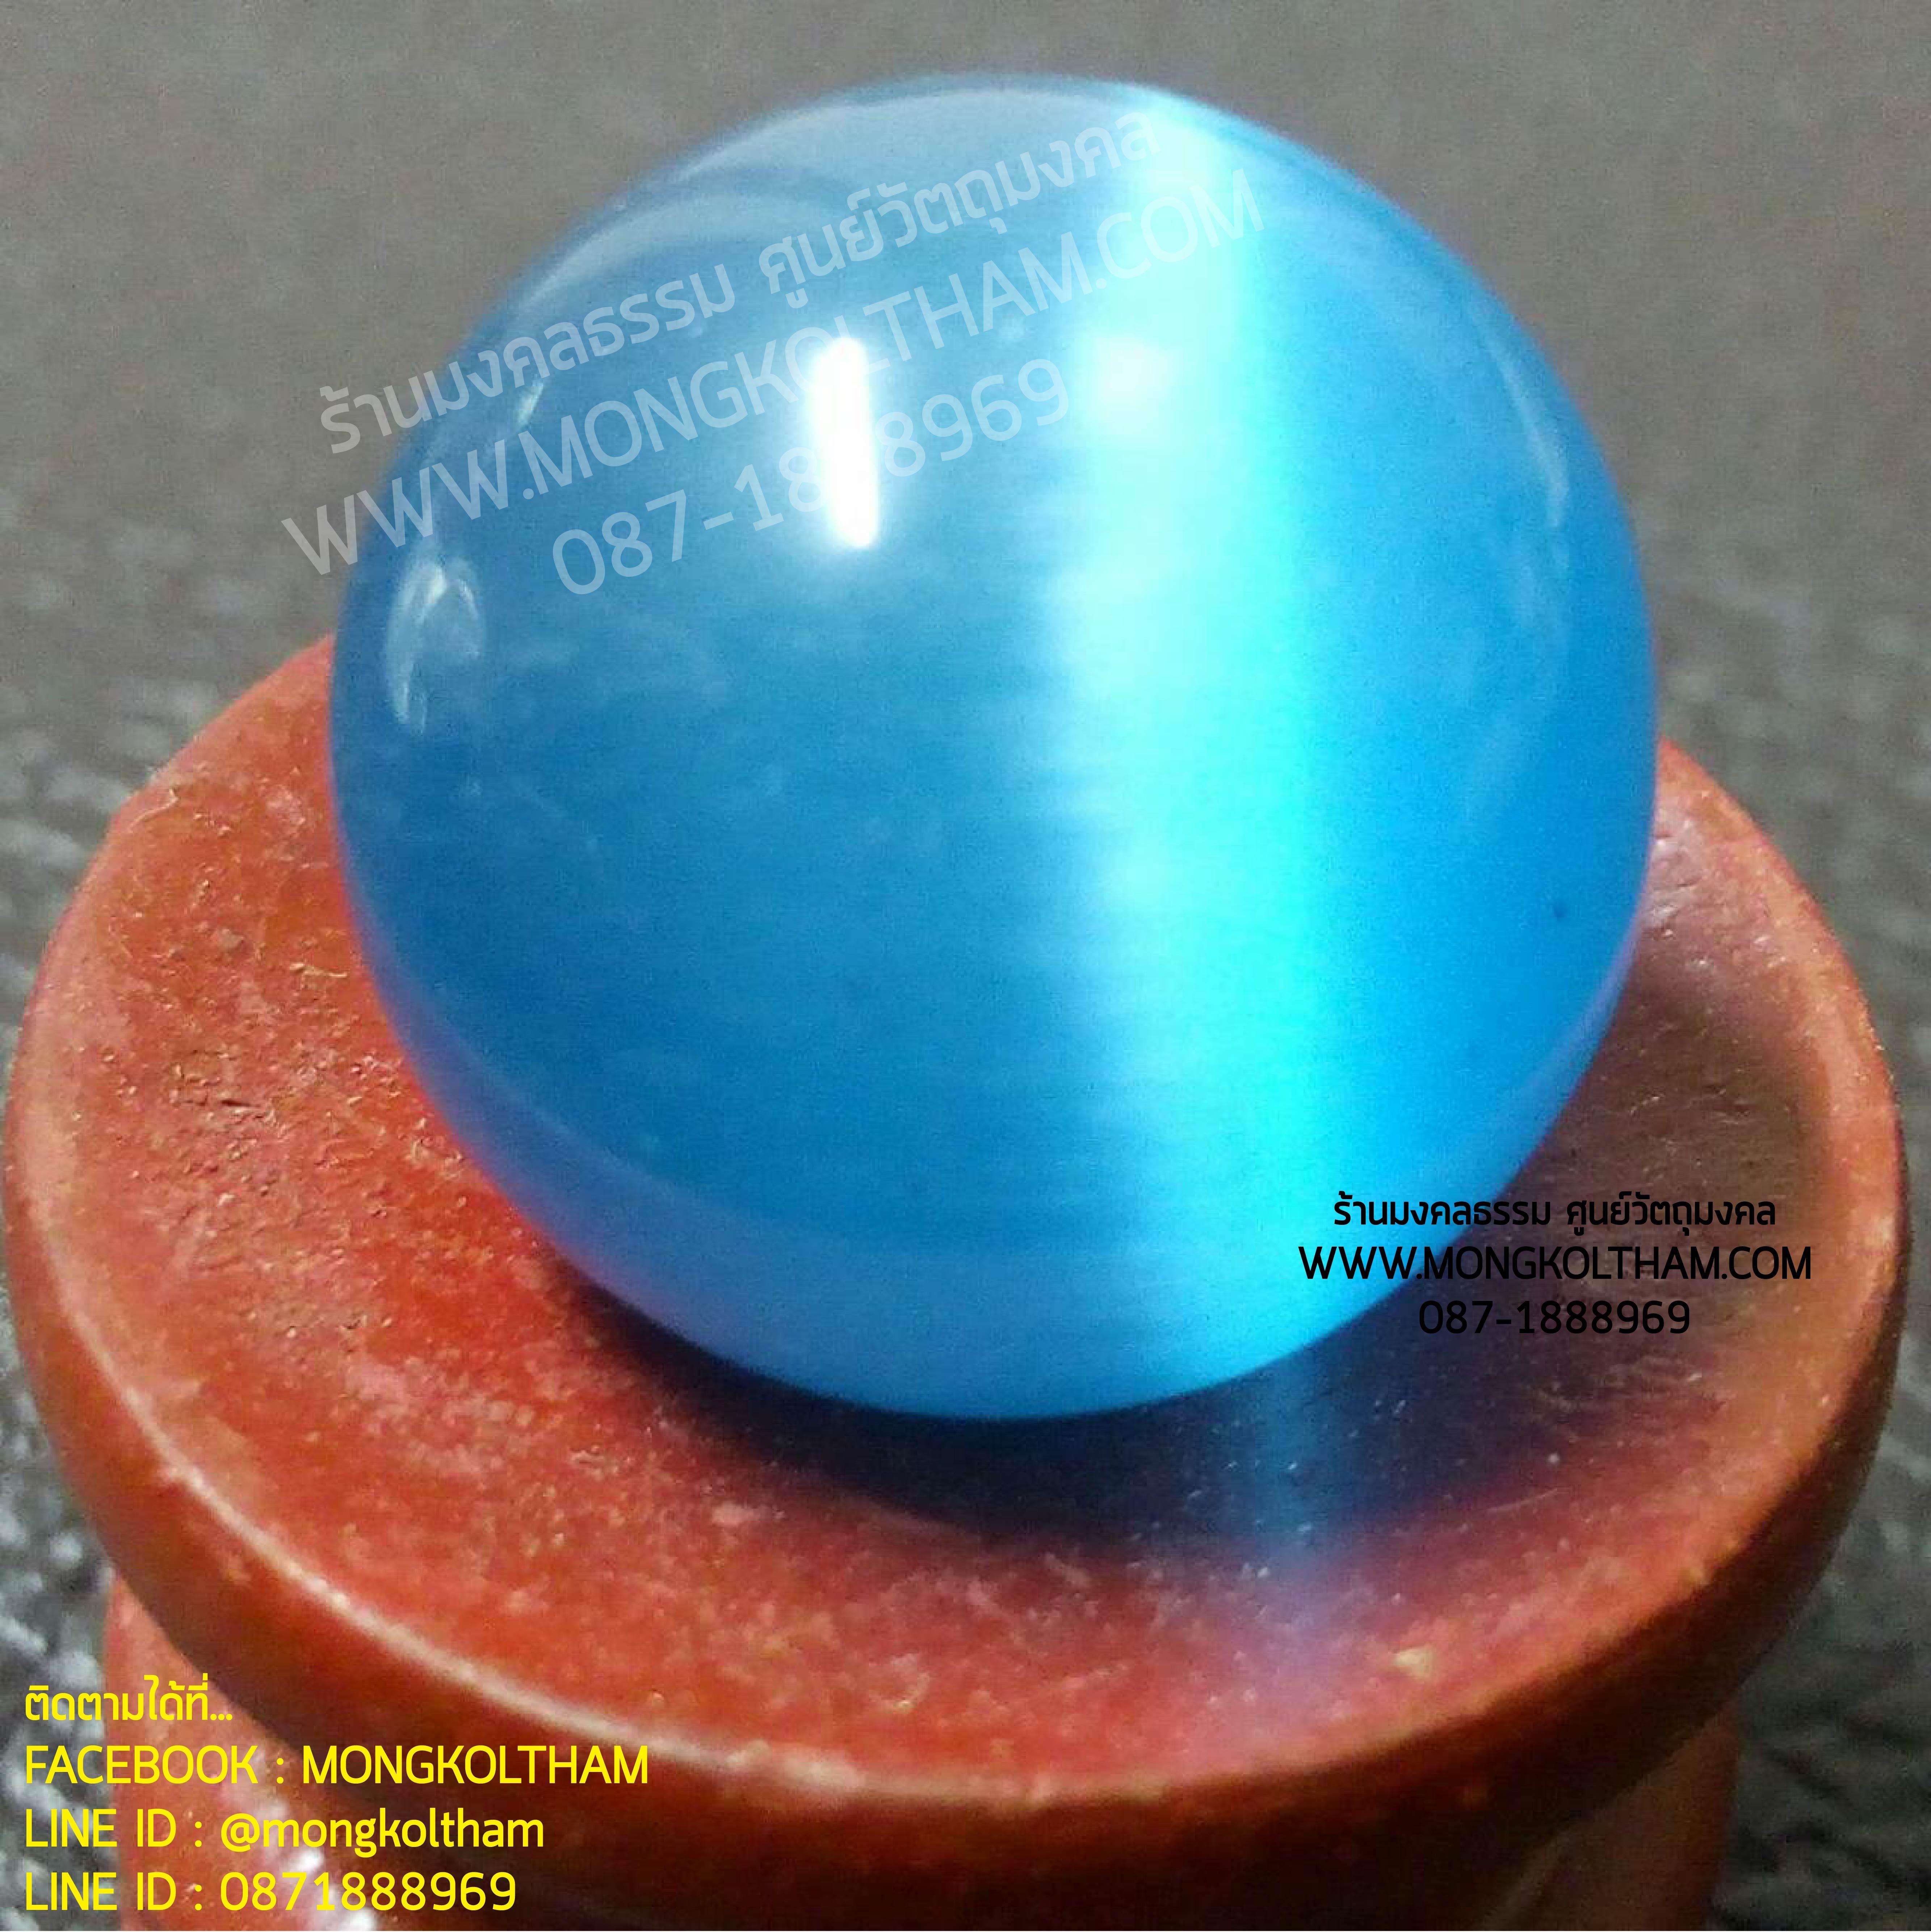 ลูกแก้วพลอยตาแมว (Cat's Eye) หรือไพรฑูรย์ (สีฟ้า)